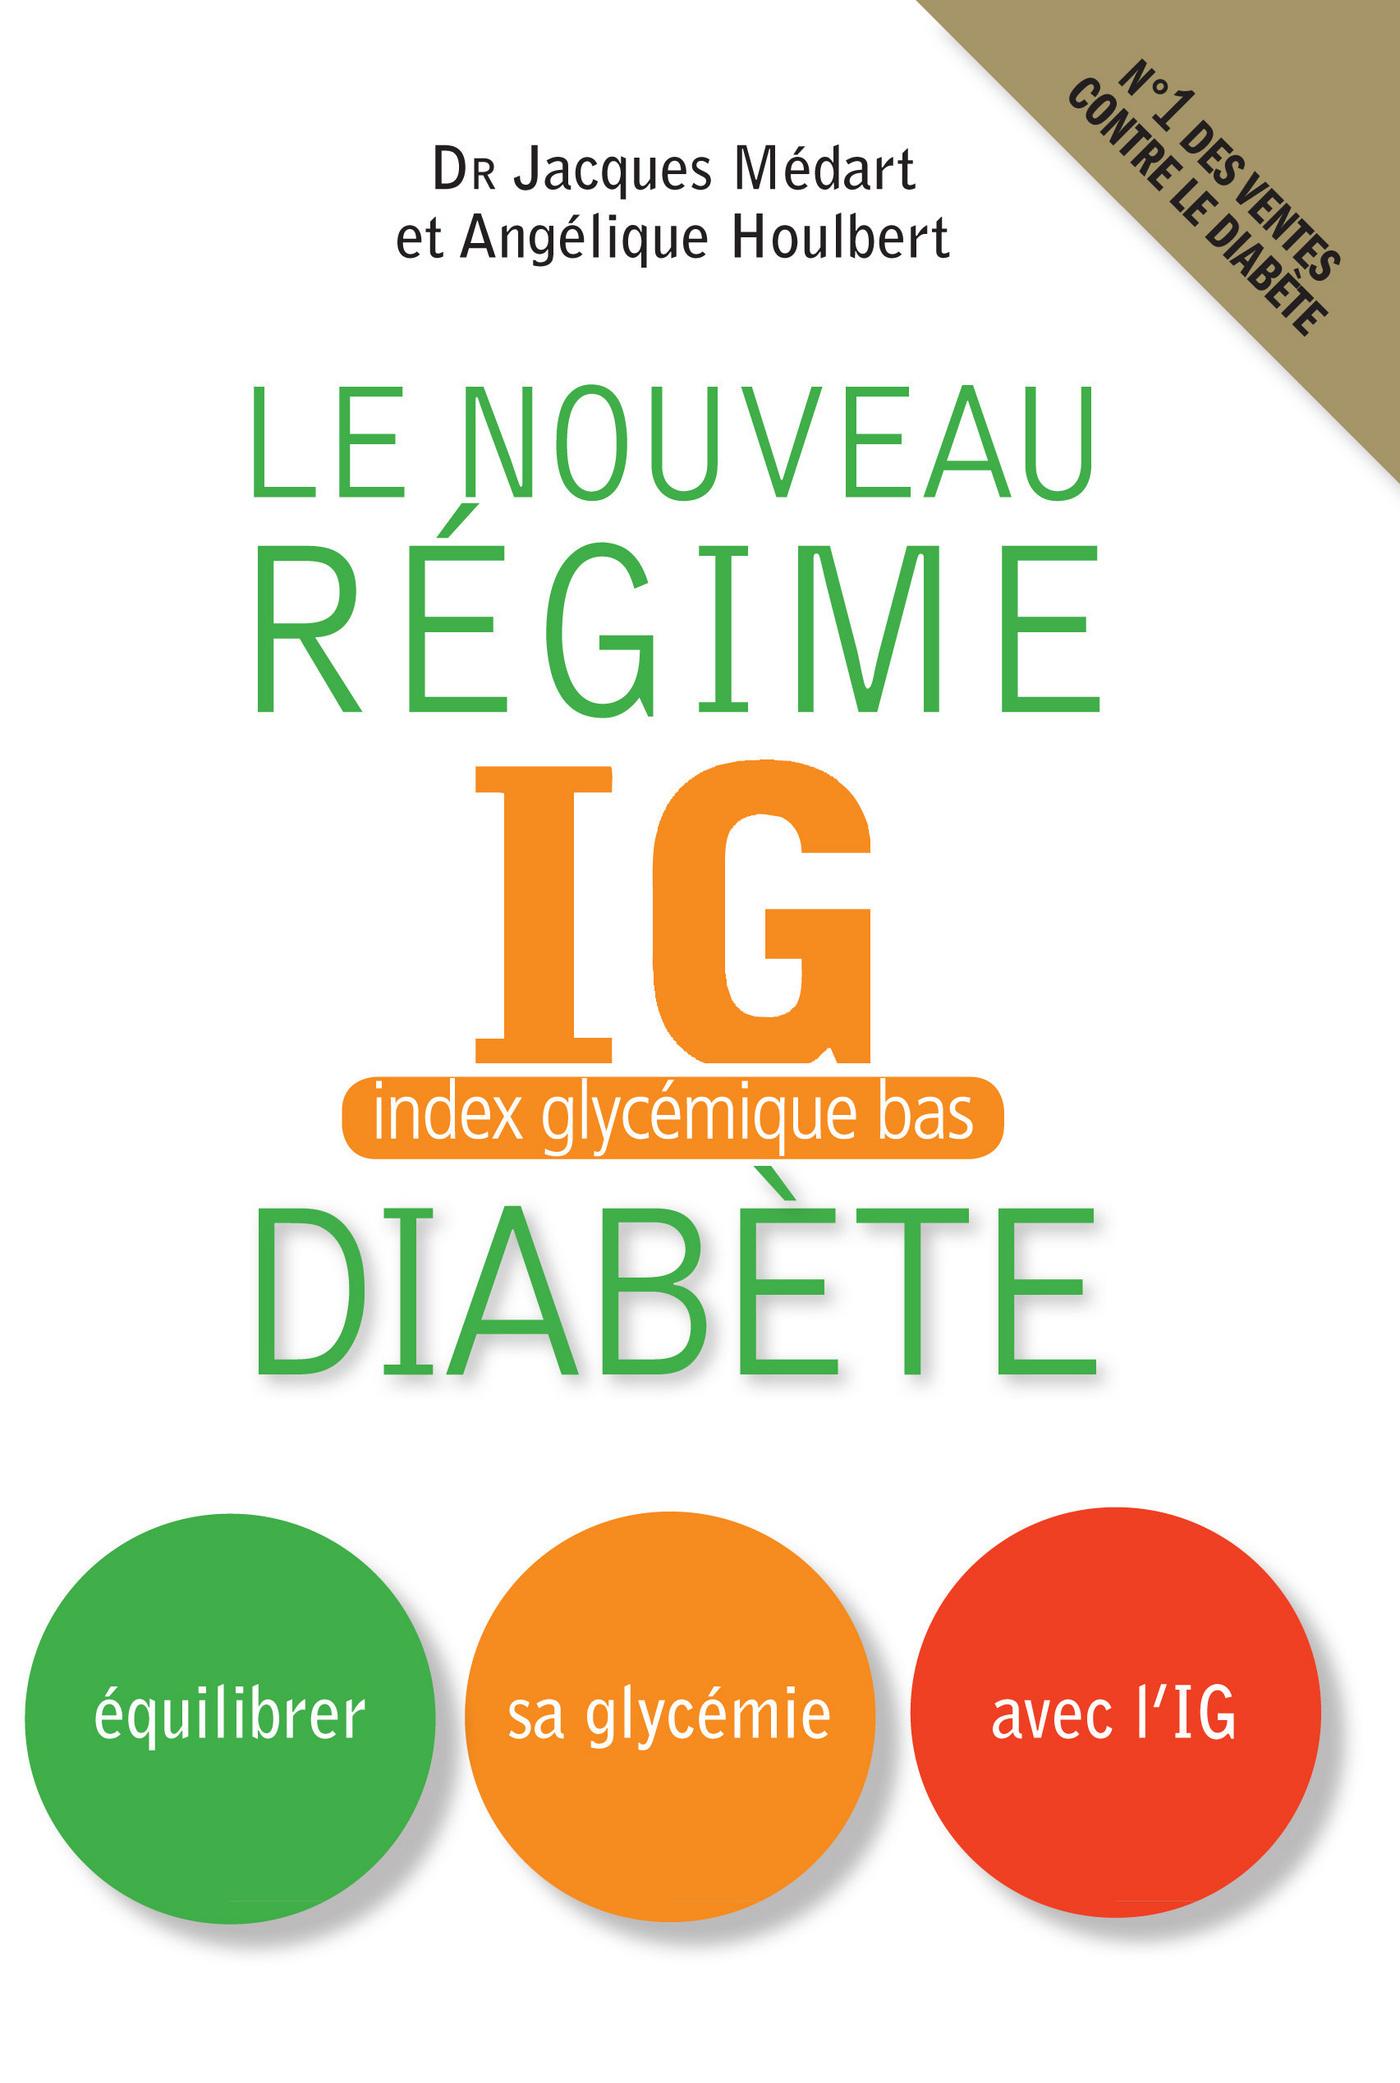 Le Nouveau régime IG (index glycémique bas) diabète